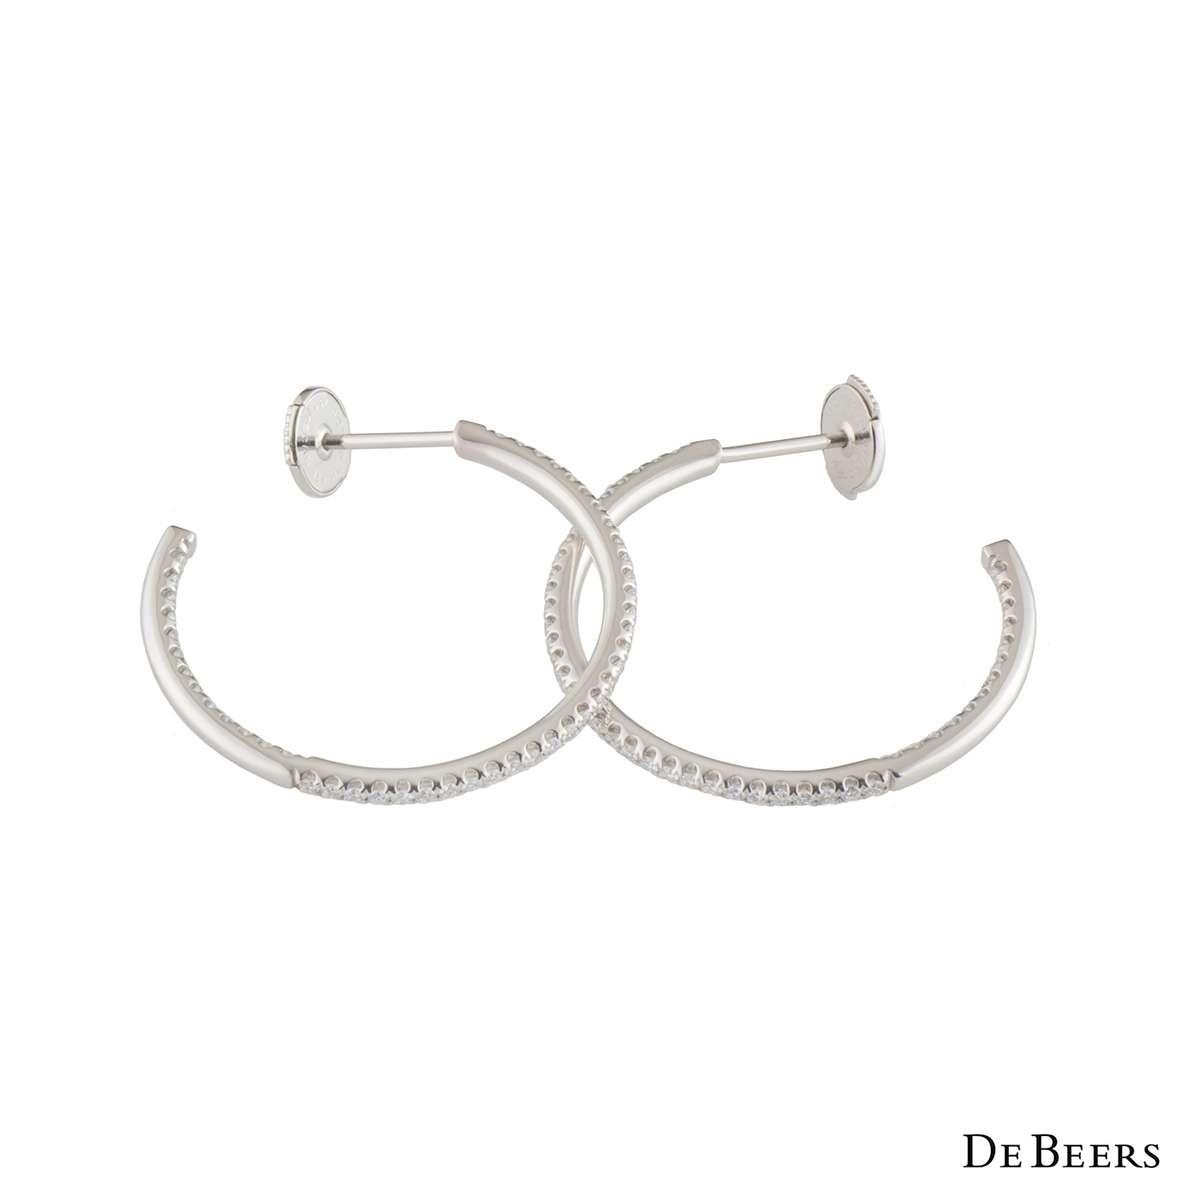 De Beers White Gold Diamond Hoop Earrings J2DD13Z00W04